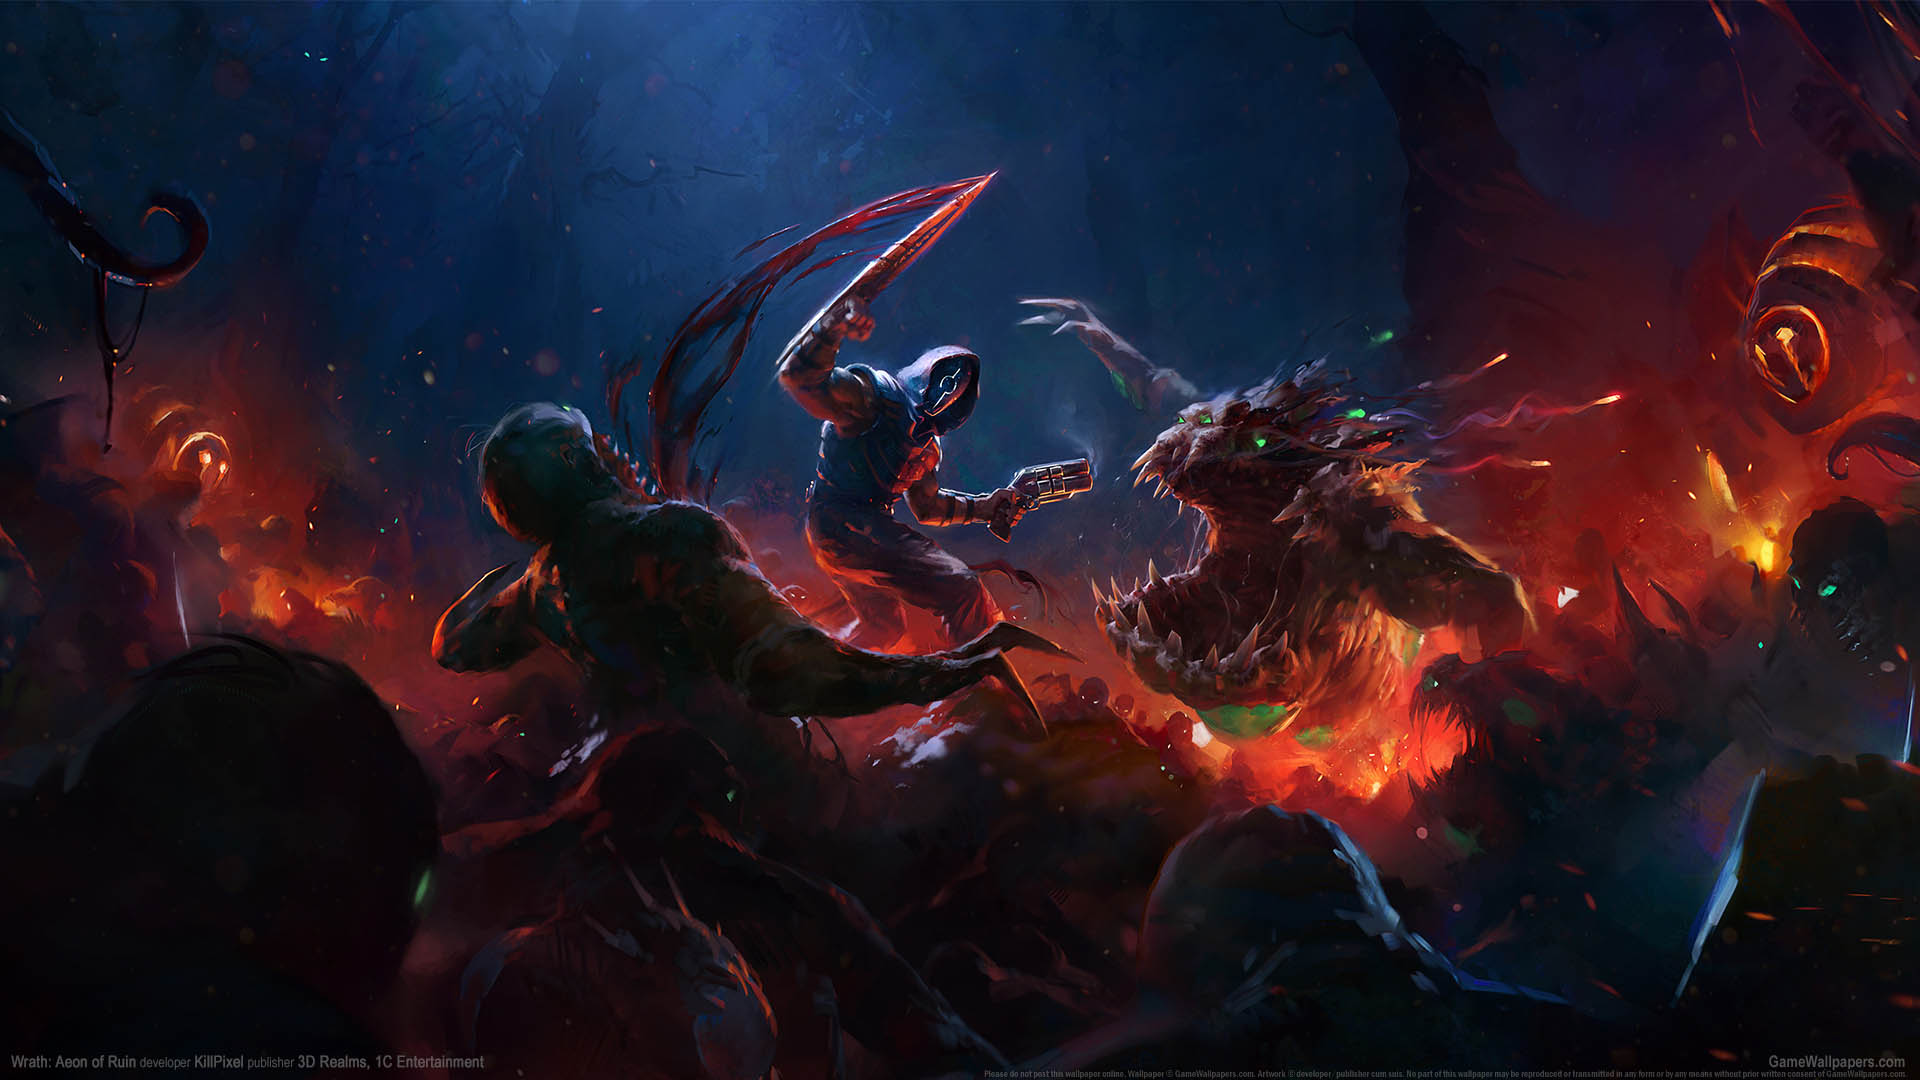 Wrath: Aeon of Ruin achtergrond 01 1920x1080